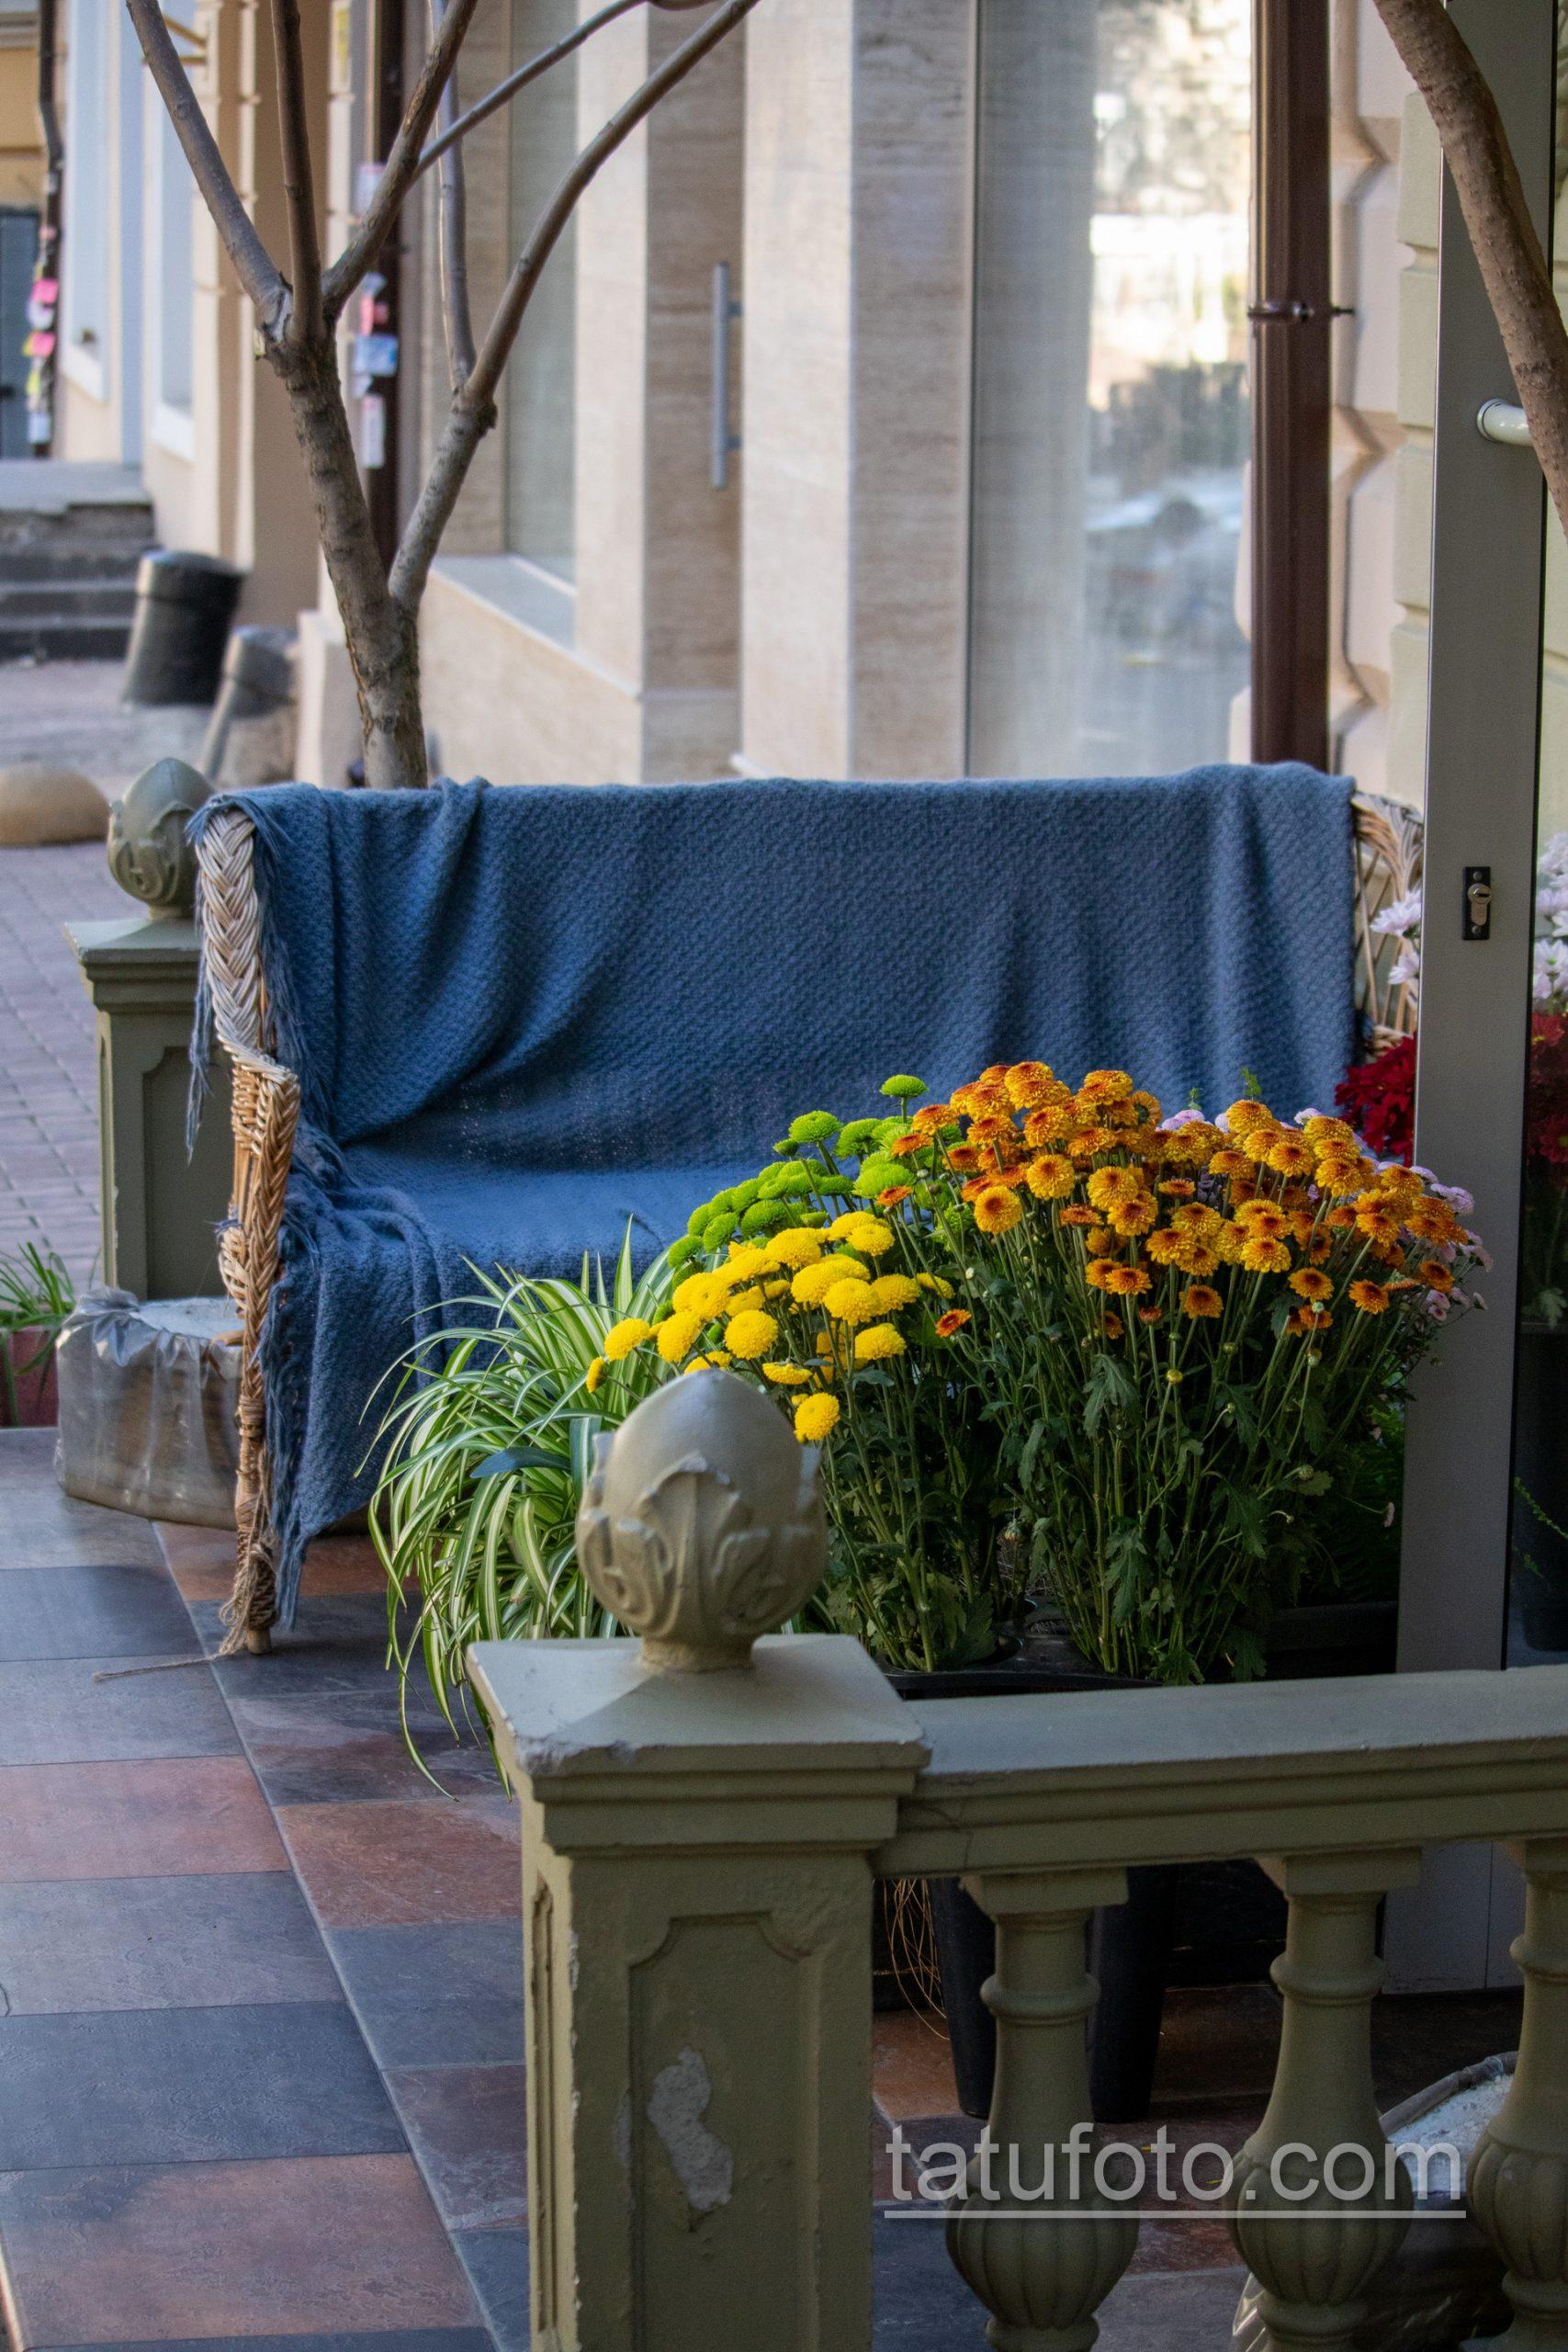 Фото цветов у входа в кафе на улице жуковского - Уличная татуировка 14.09.2020 – tatufoto.com 1